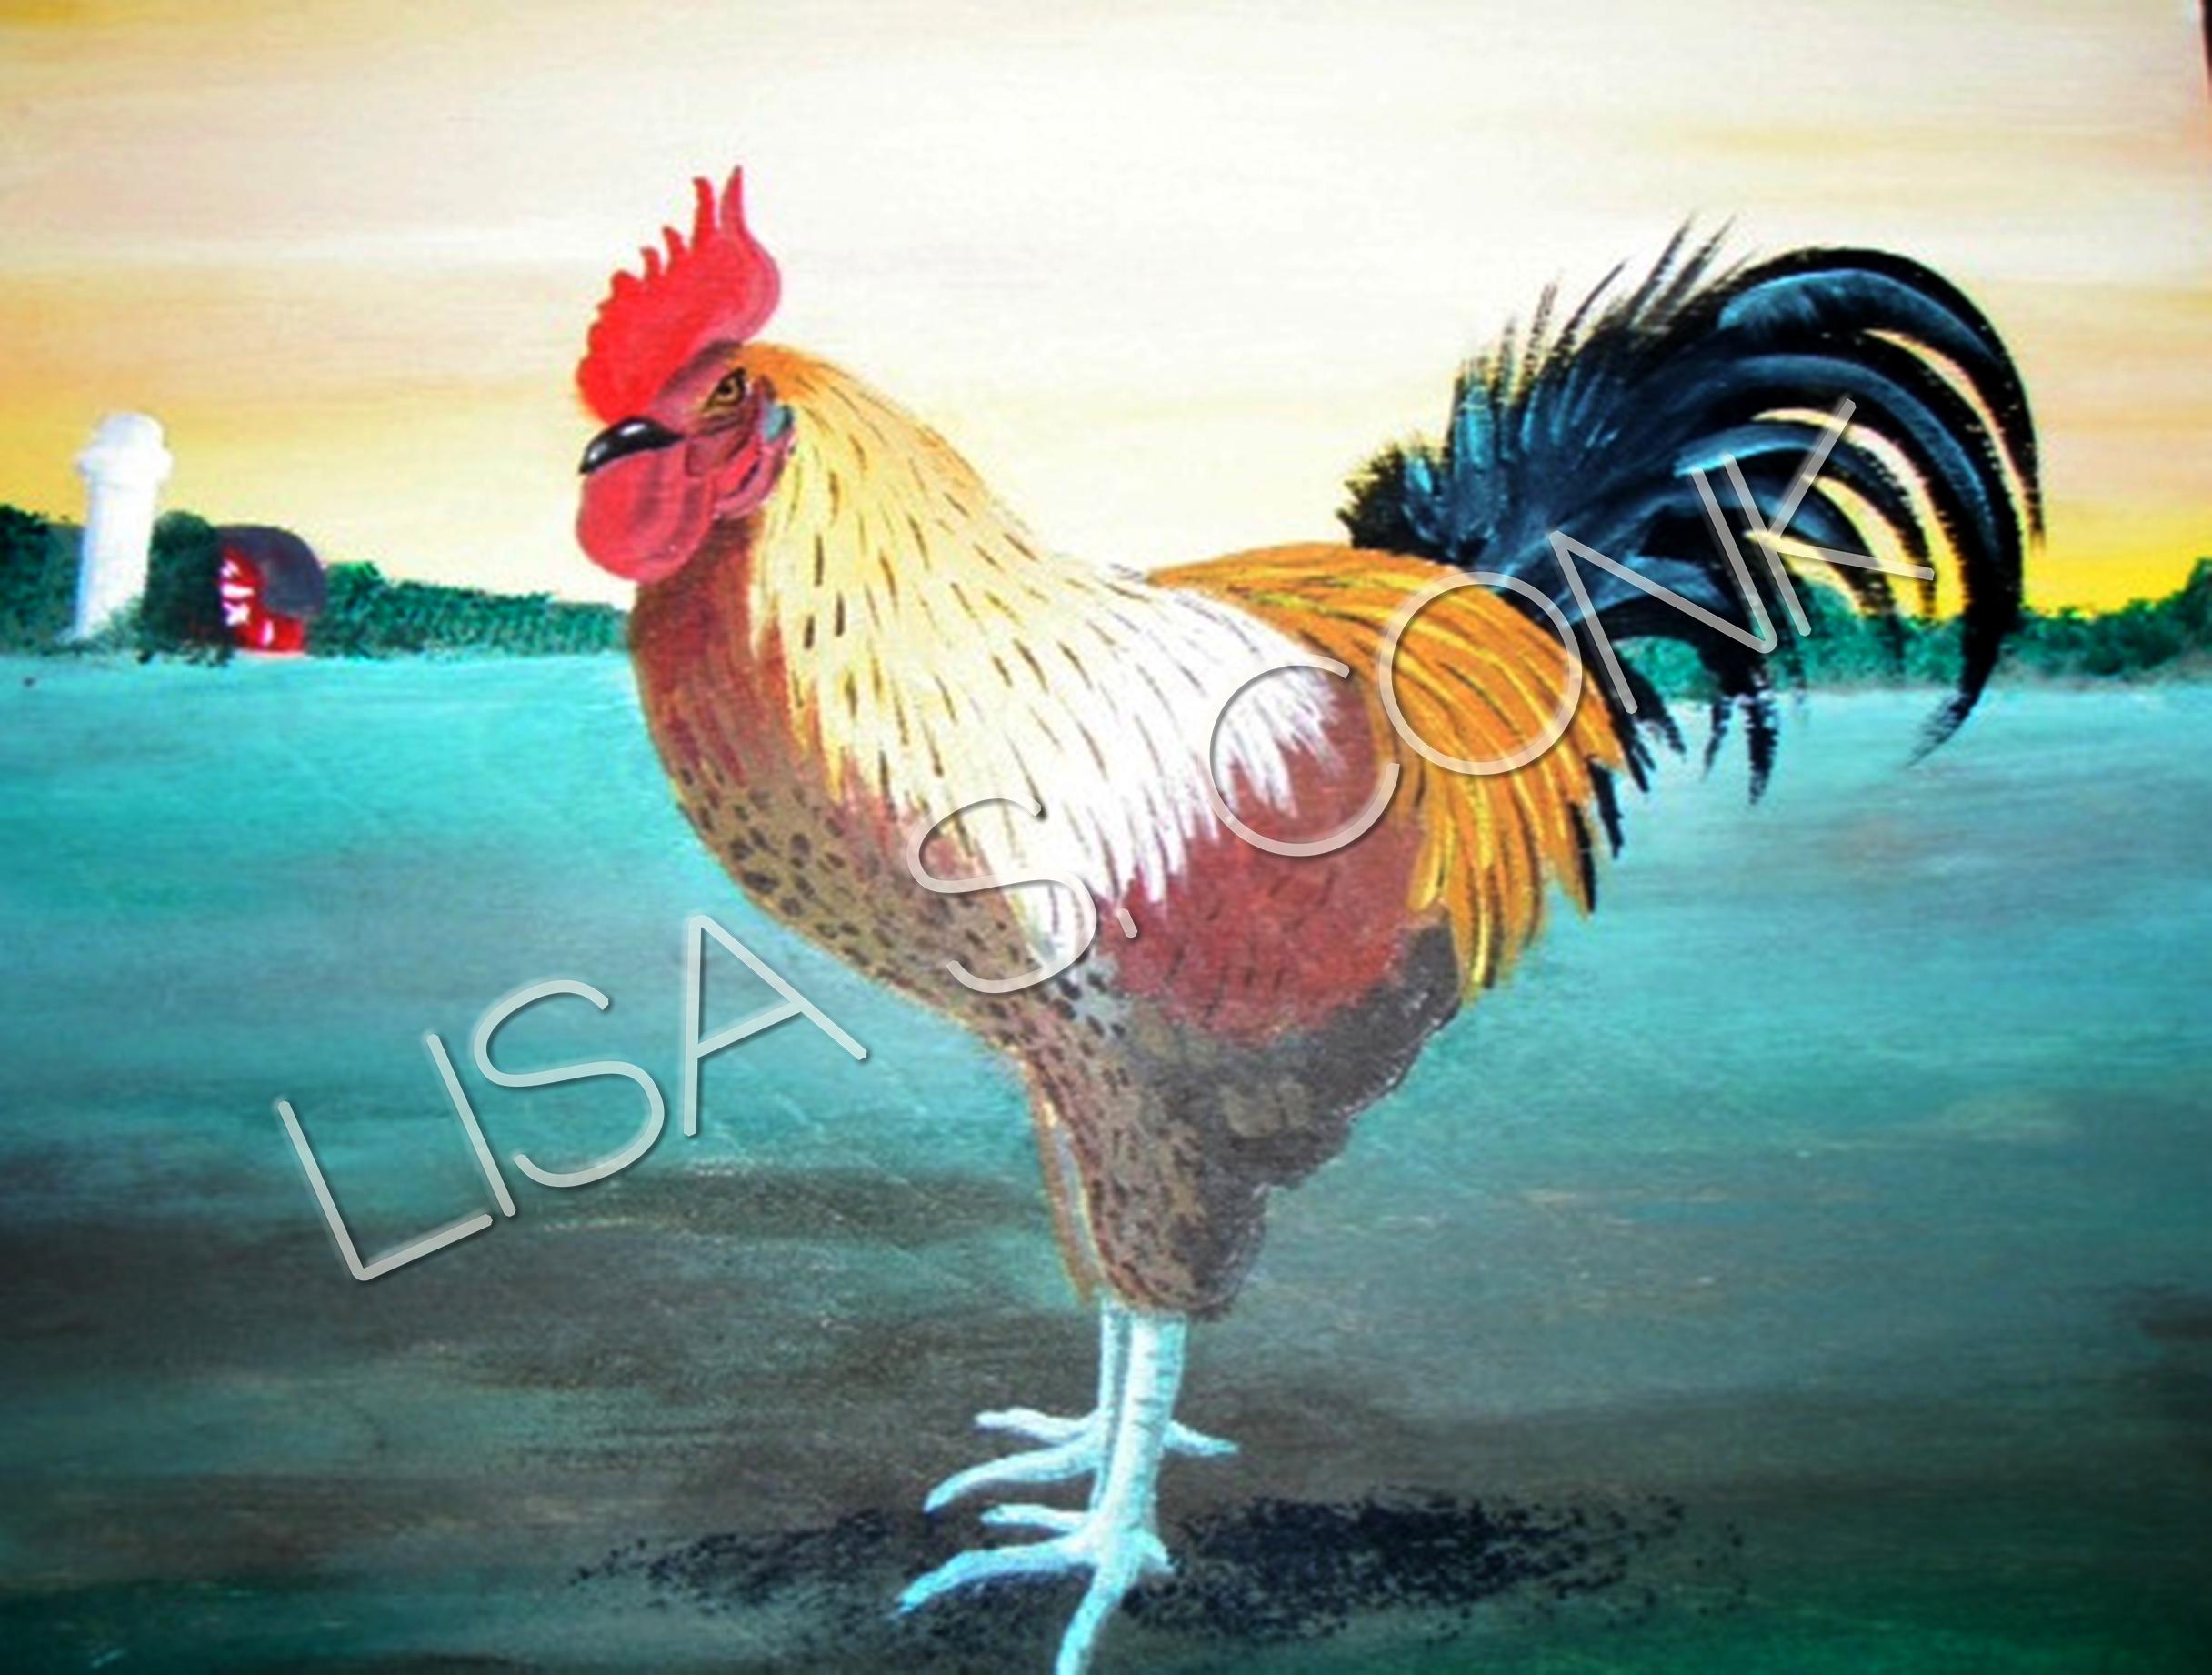 rooster_Watermark